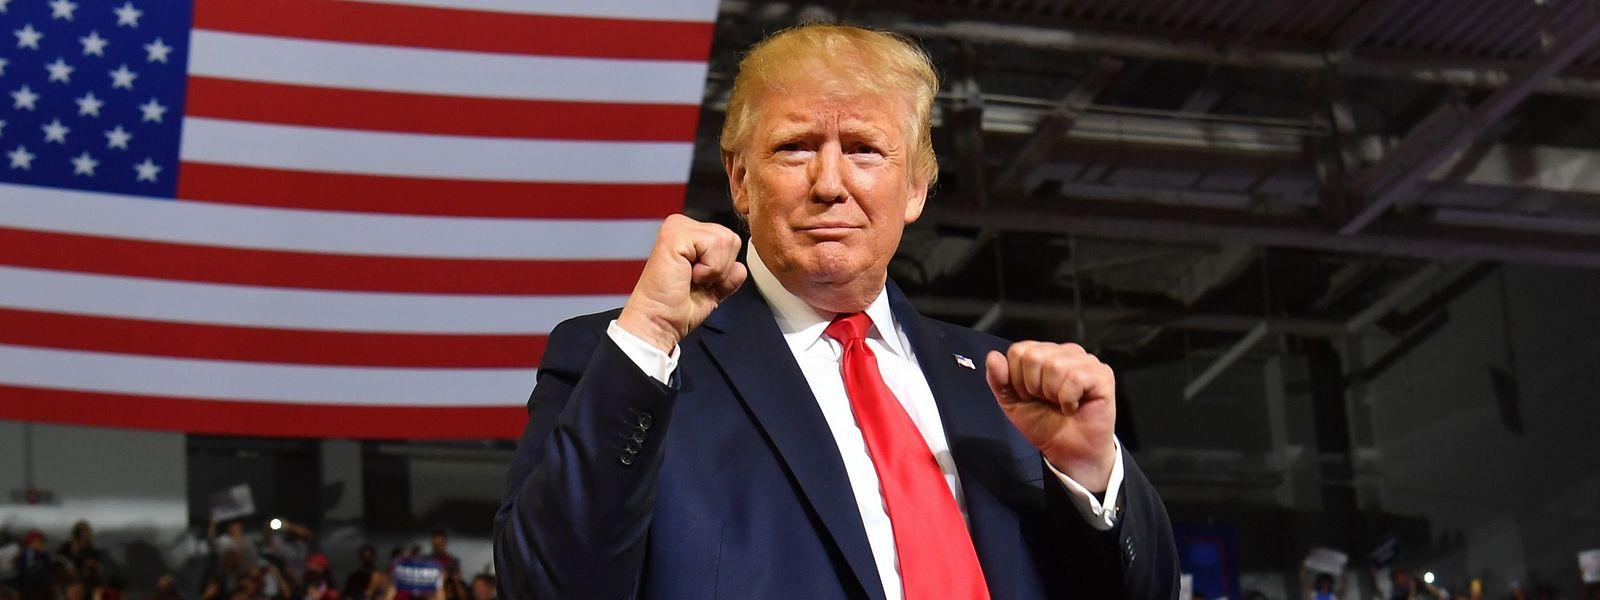 US-Präsident Donald Trump hält bei einem Wahlkampfauftritt in Greenville, North Carolina, die Fäuste hoch.